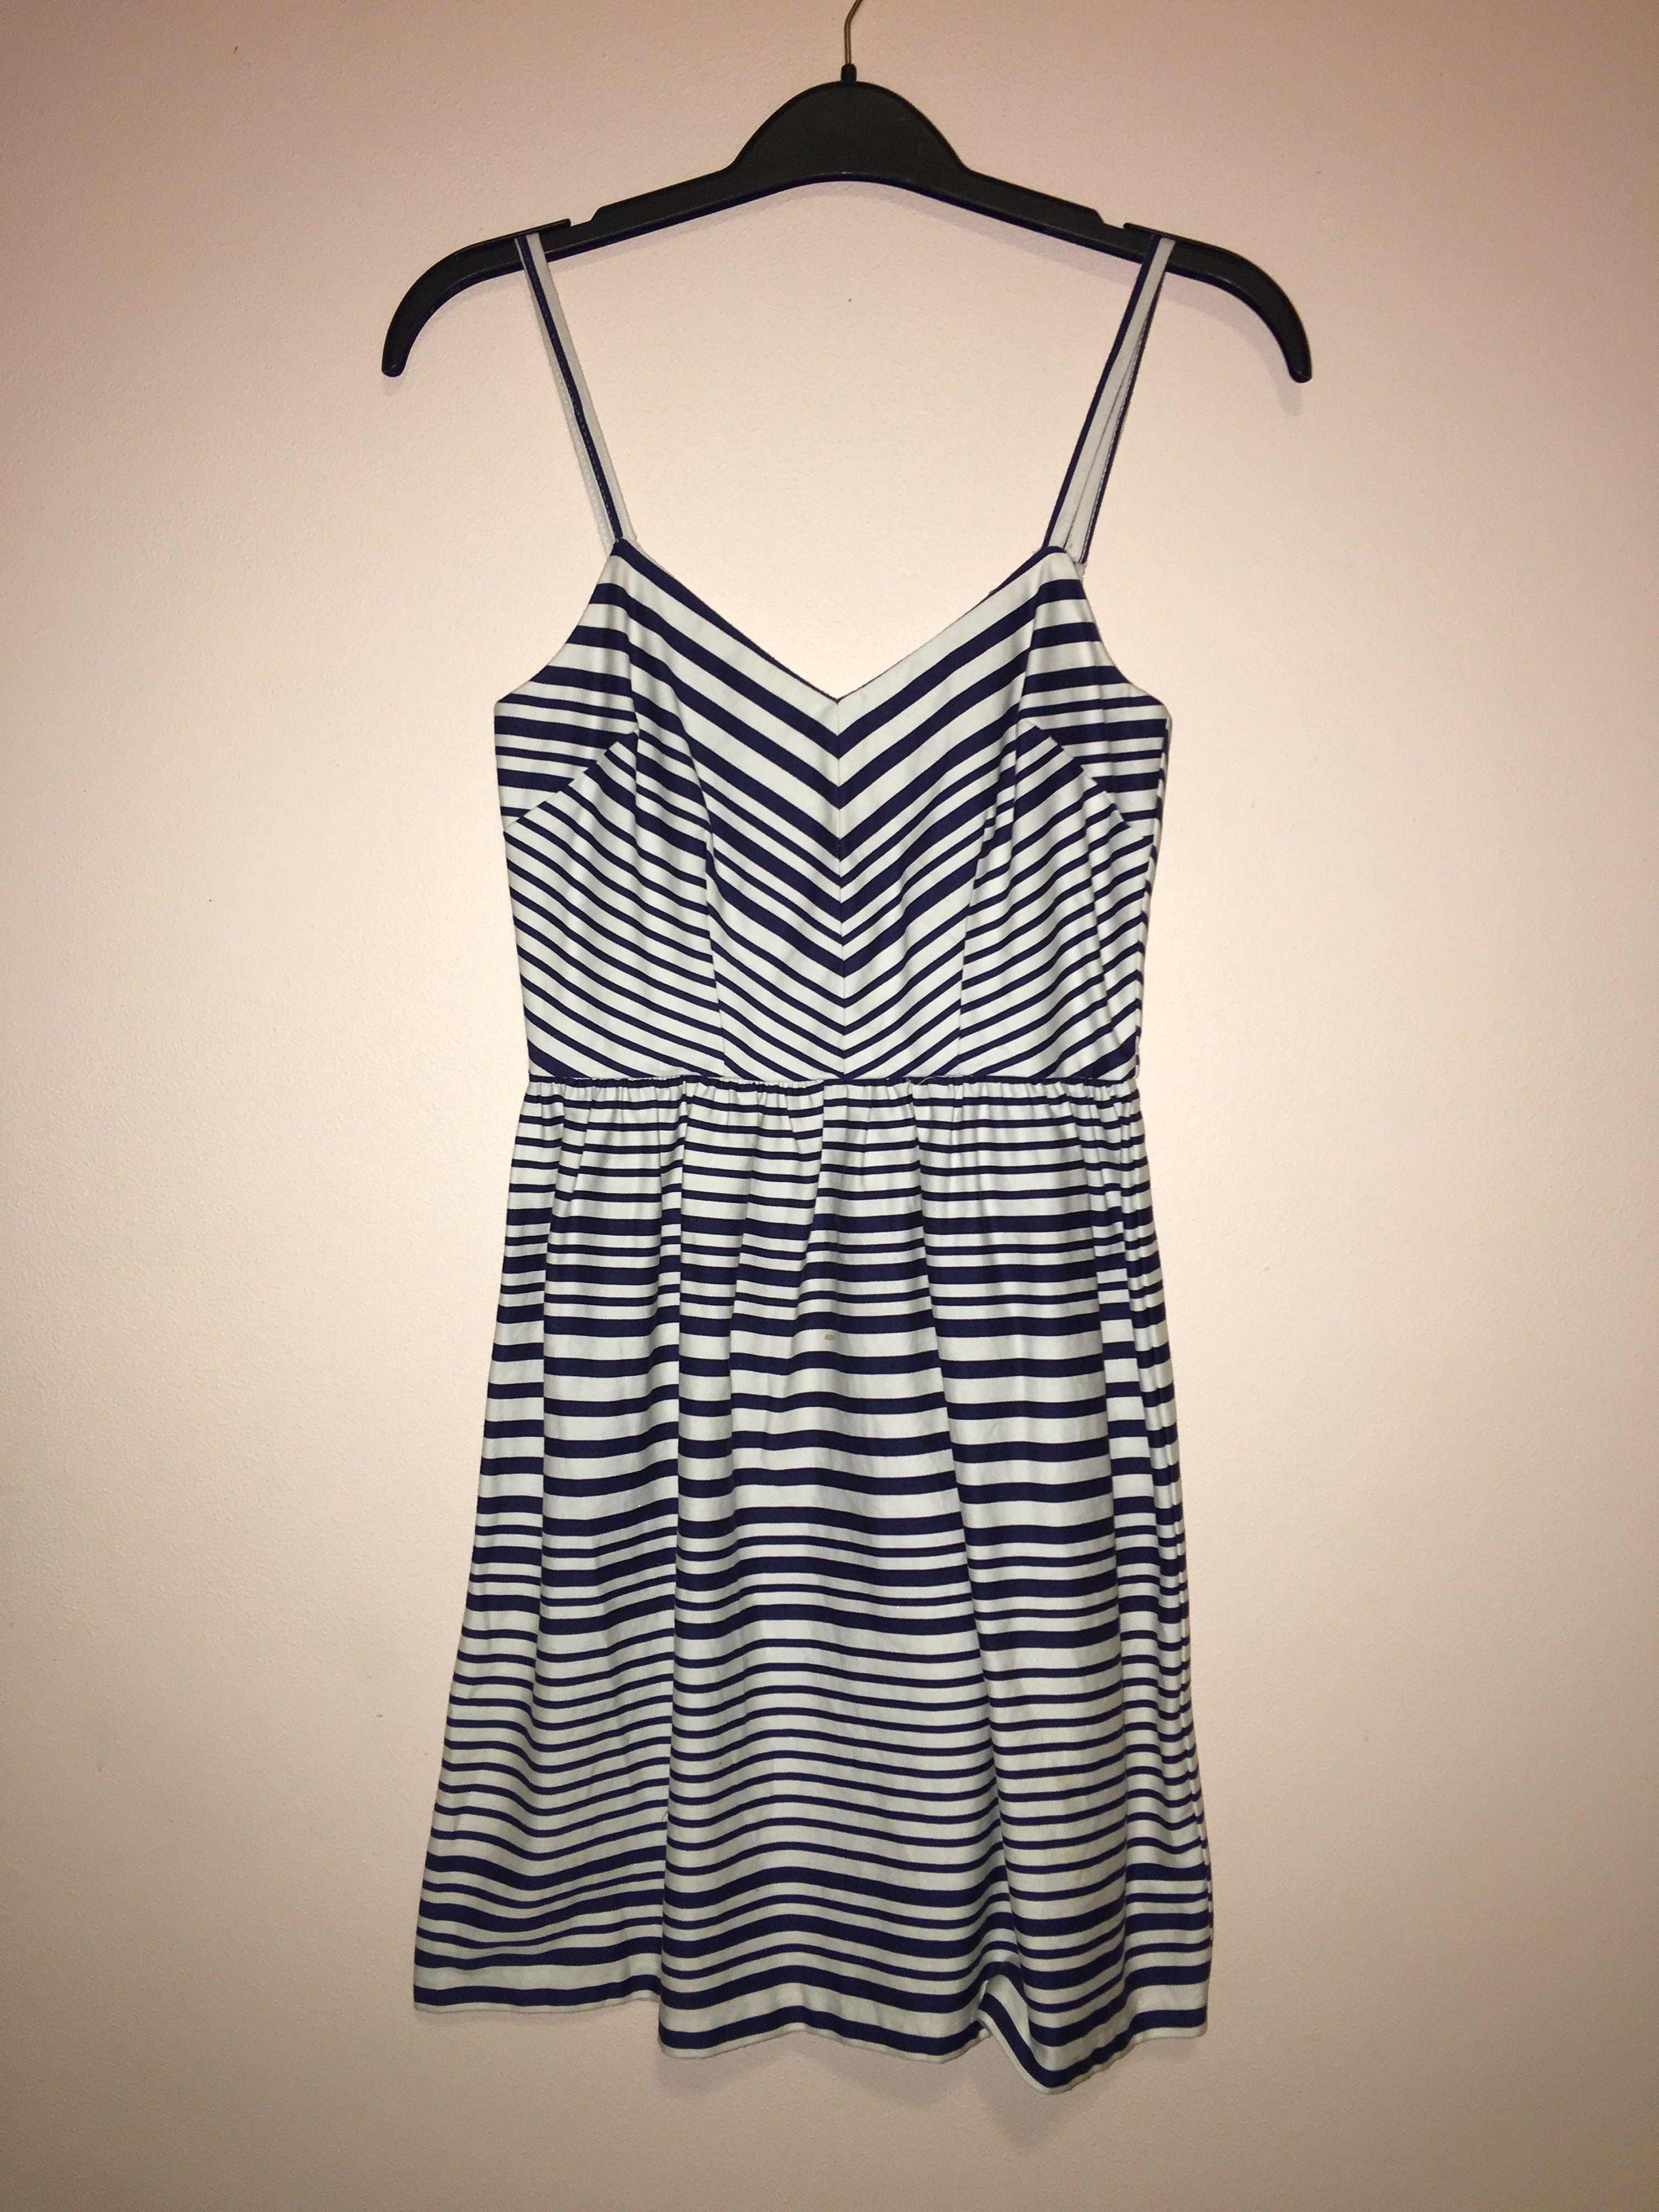 White & Navy dress